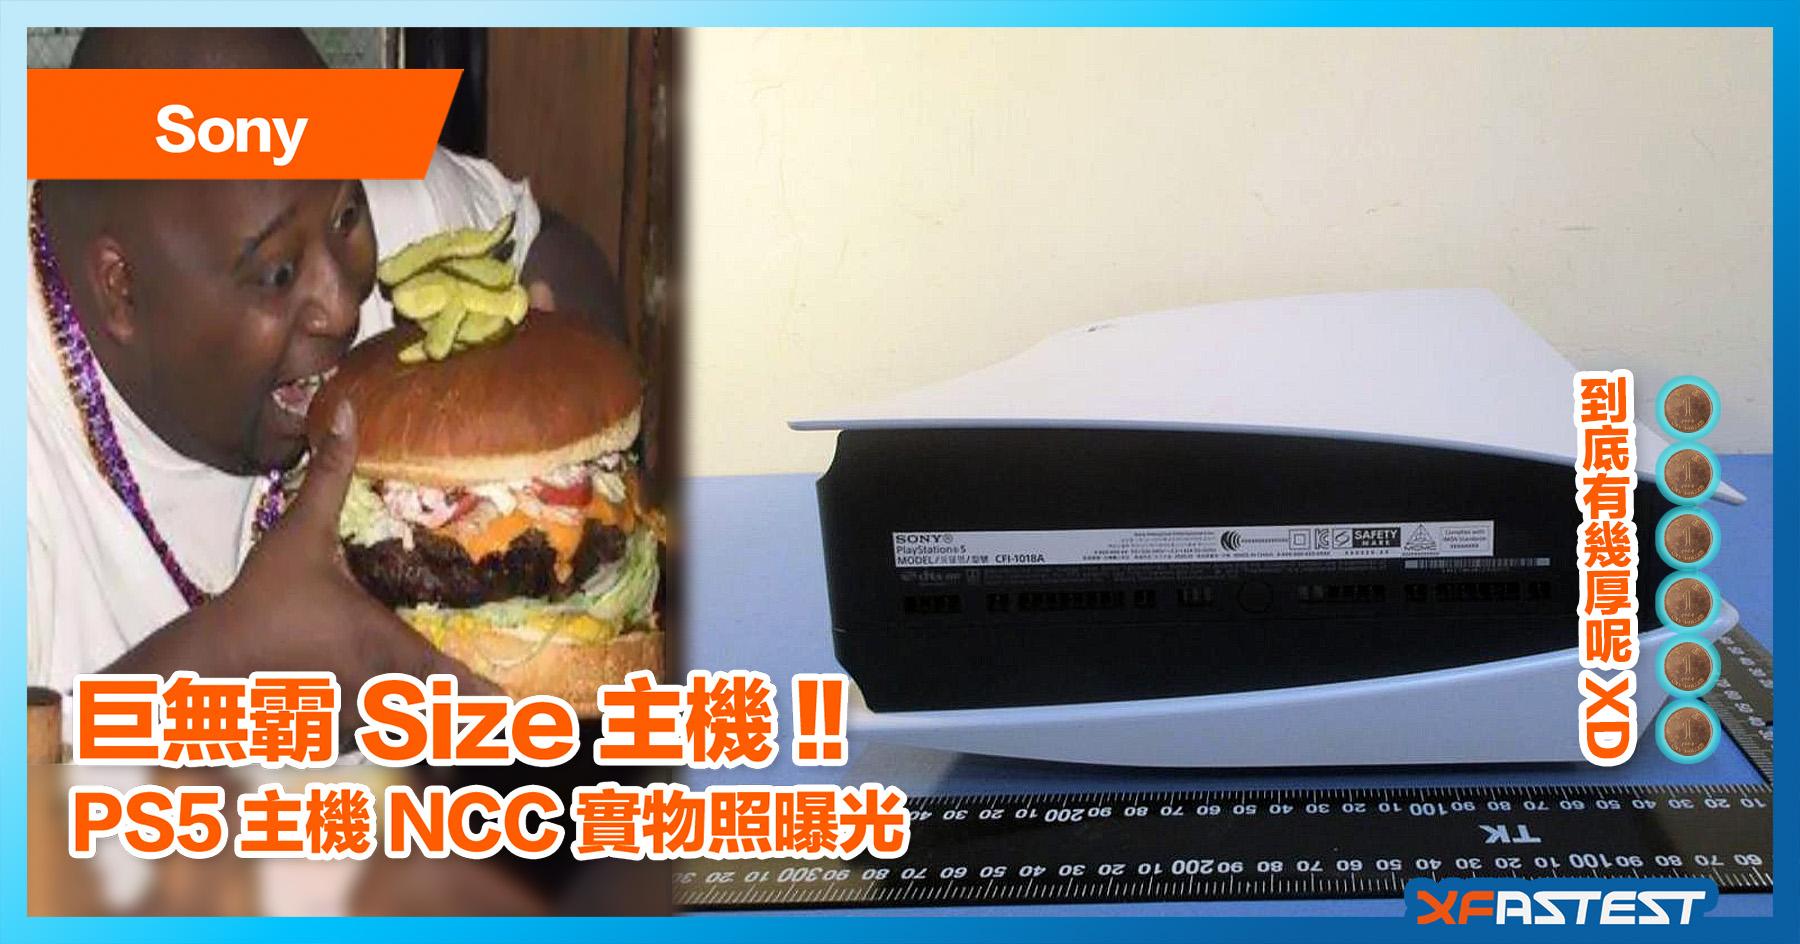 「巨無霸」尺寸主機 !! Sony PS5 NCC 驗證實物照曝光 - XFastest Hong Kong